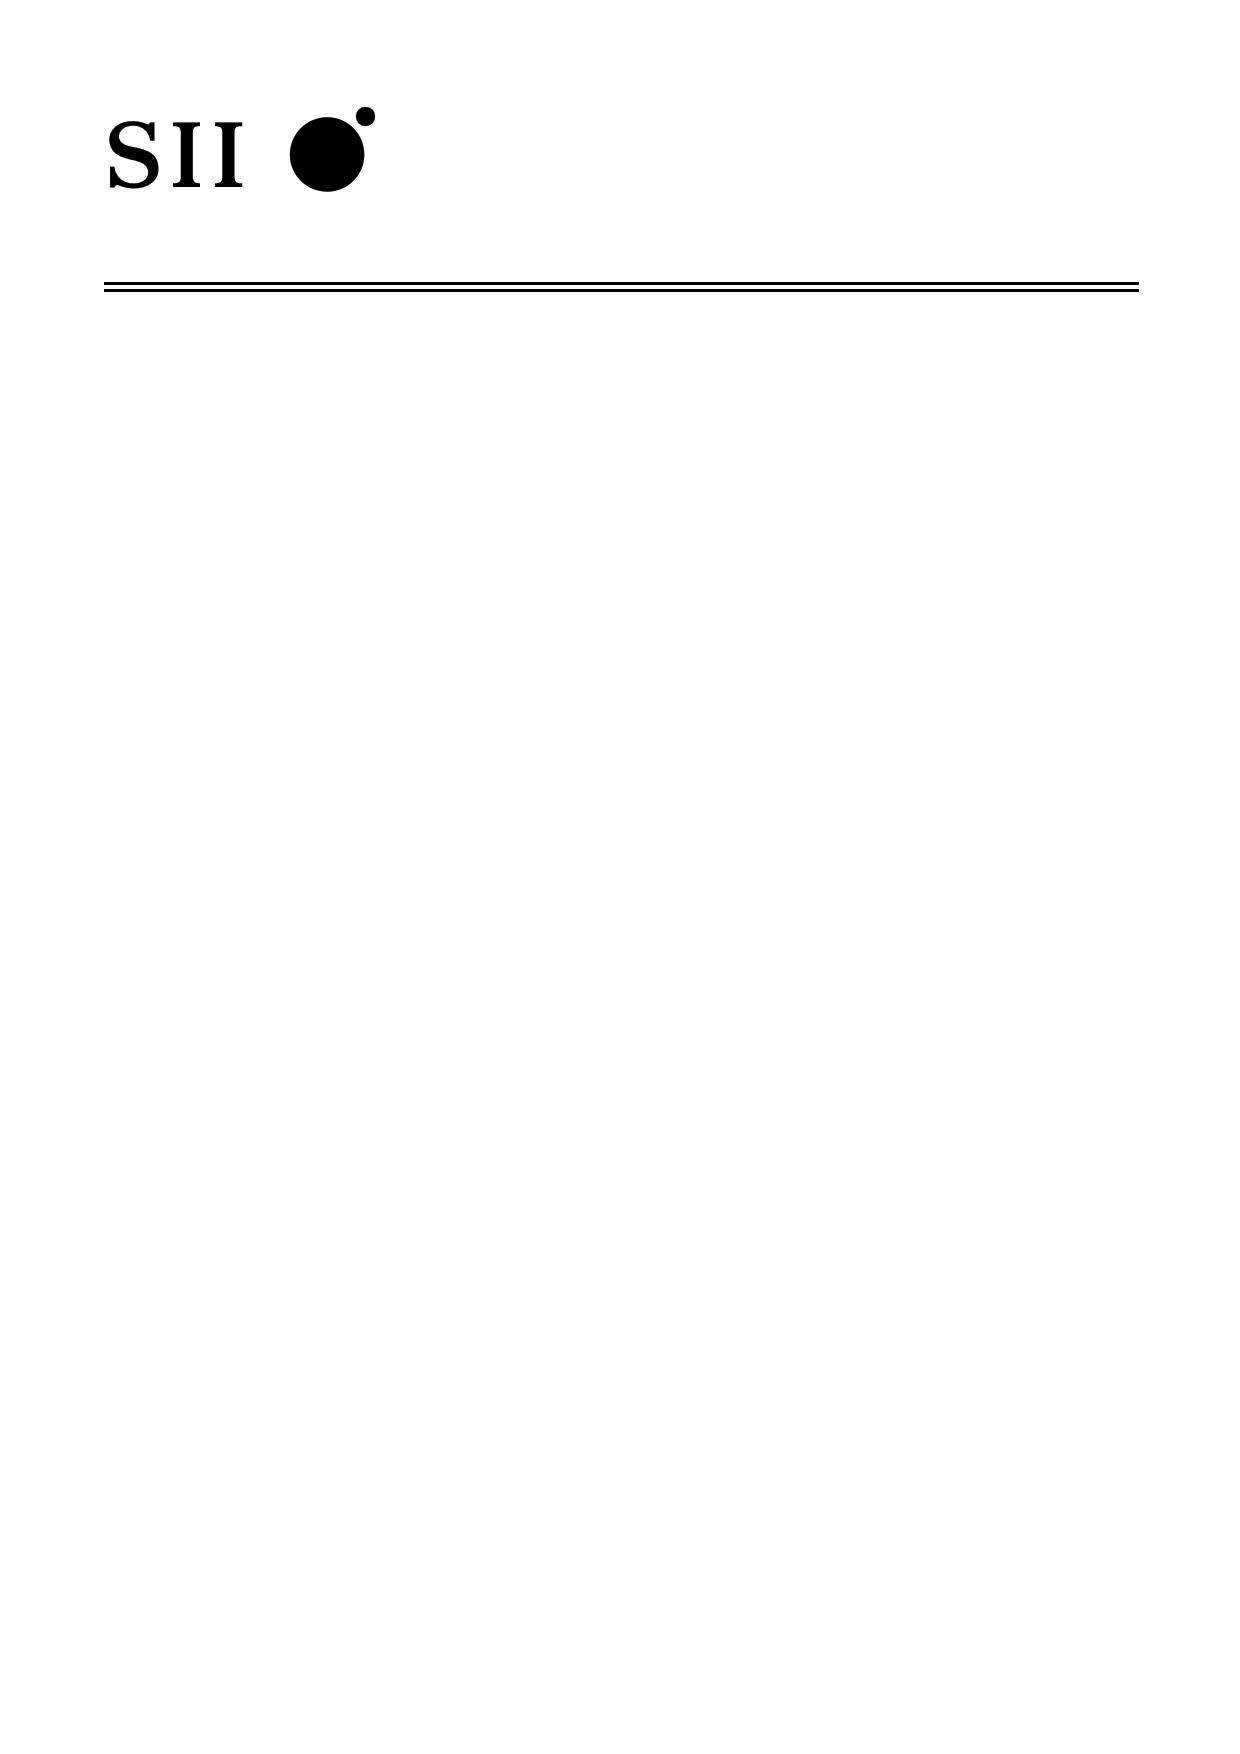 S-1112 datasheet